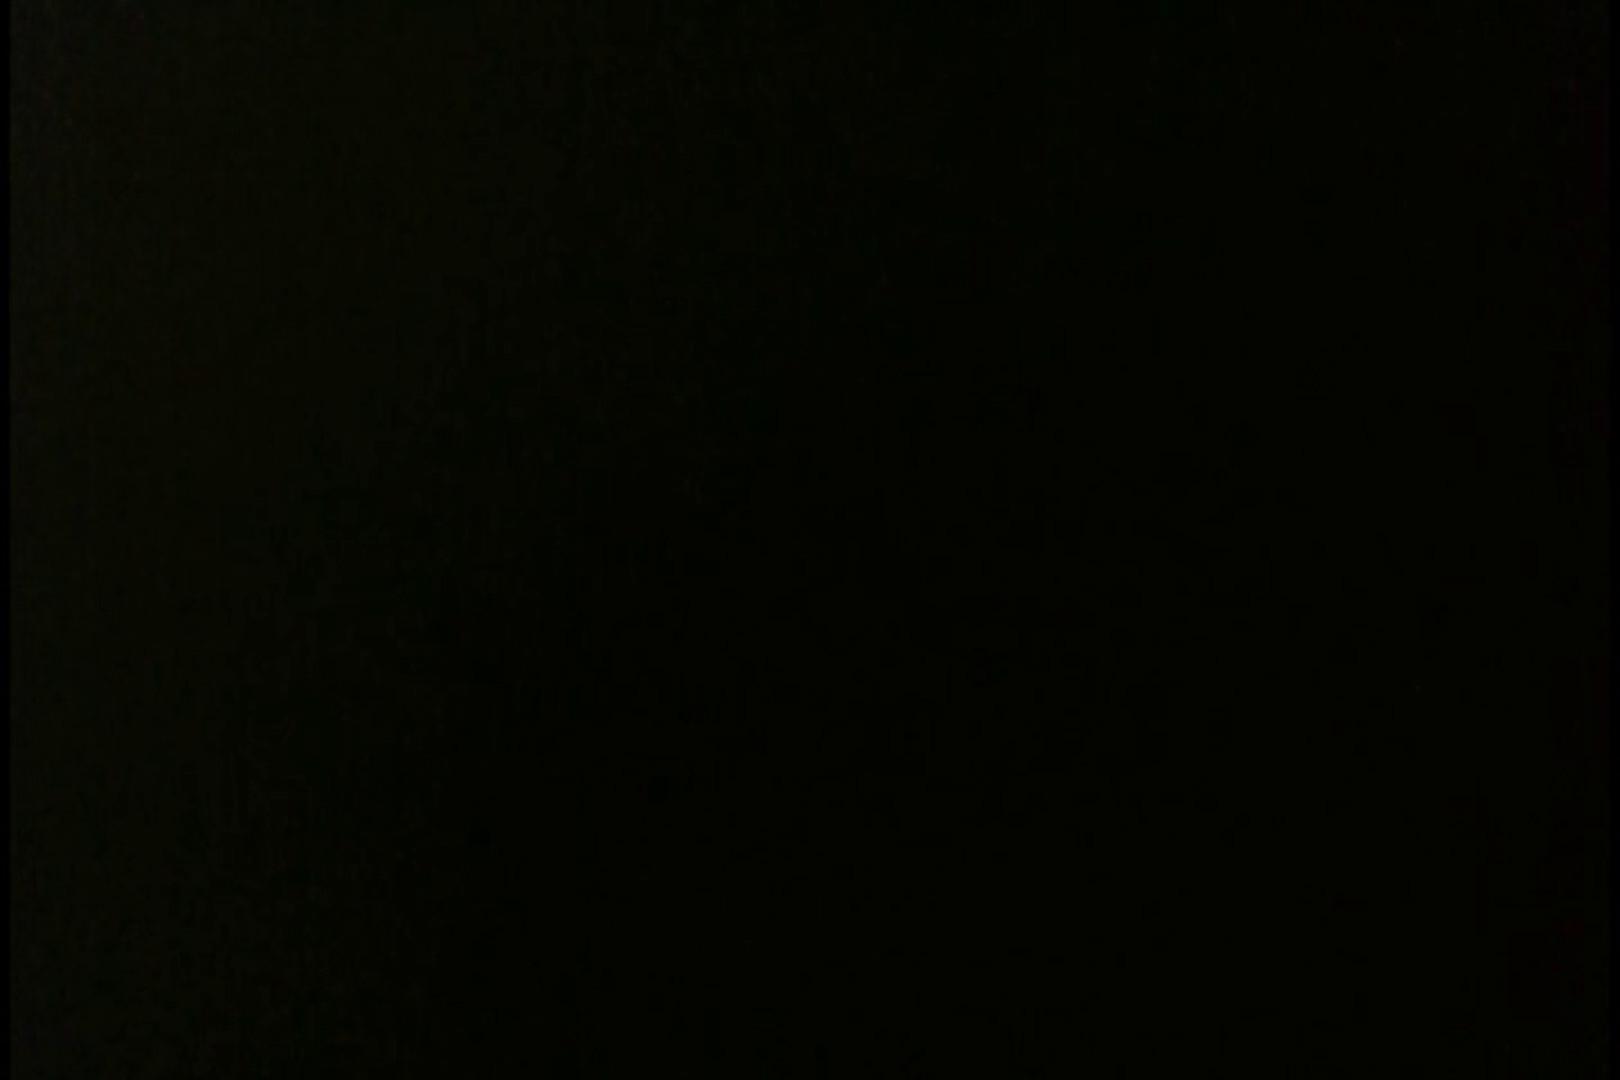 投稿!山下さんの闘病日記 激カワナースパンチラ vol.04 投稿 オメコ動画キャプチャ 11枚 10